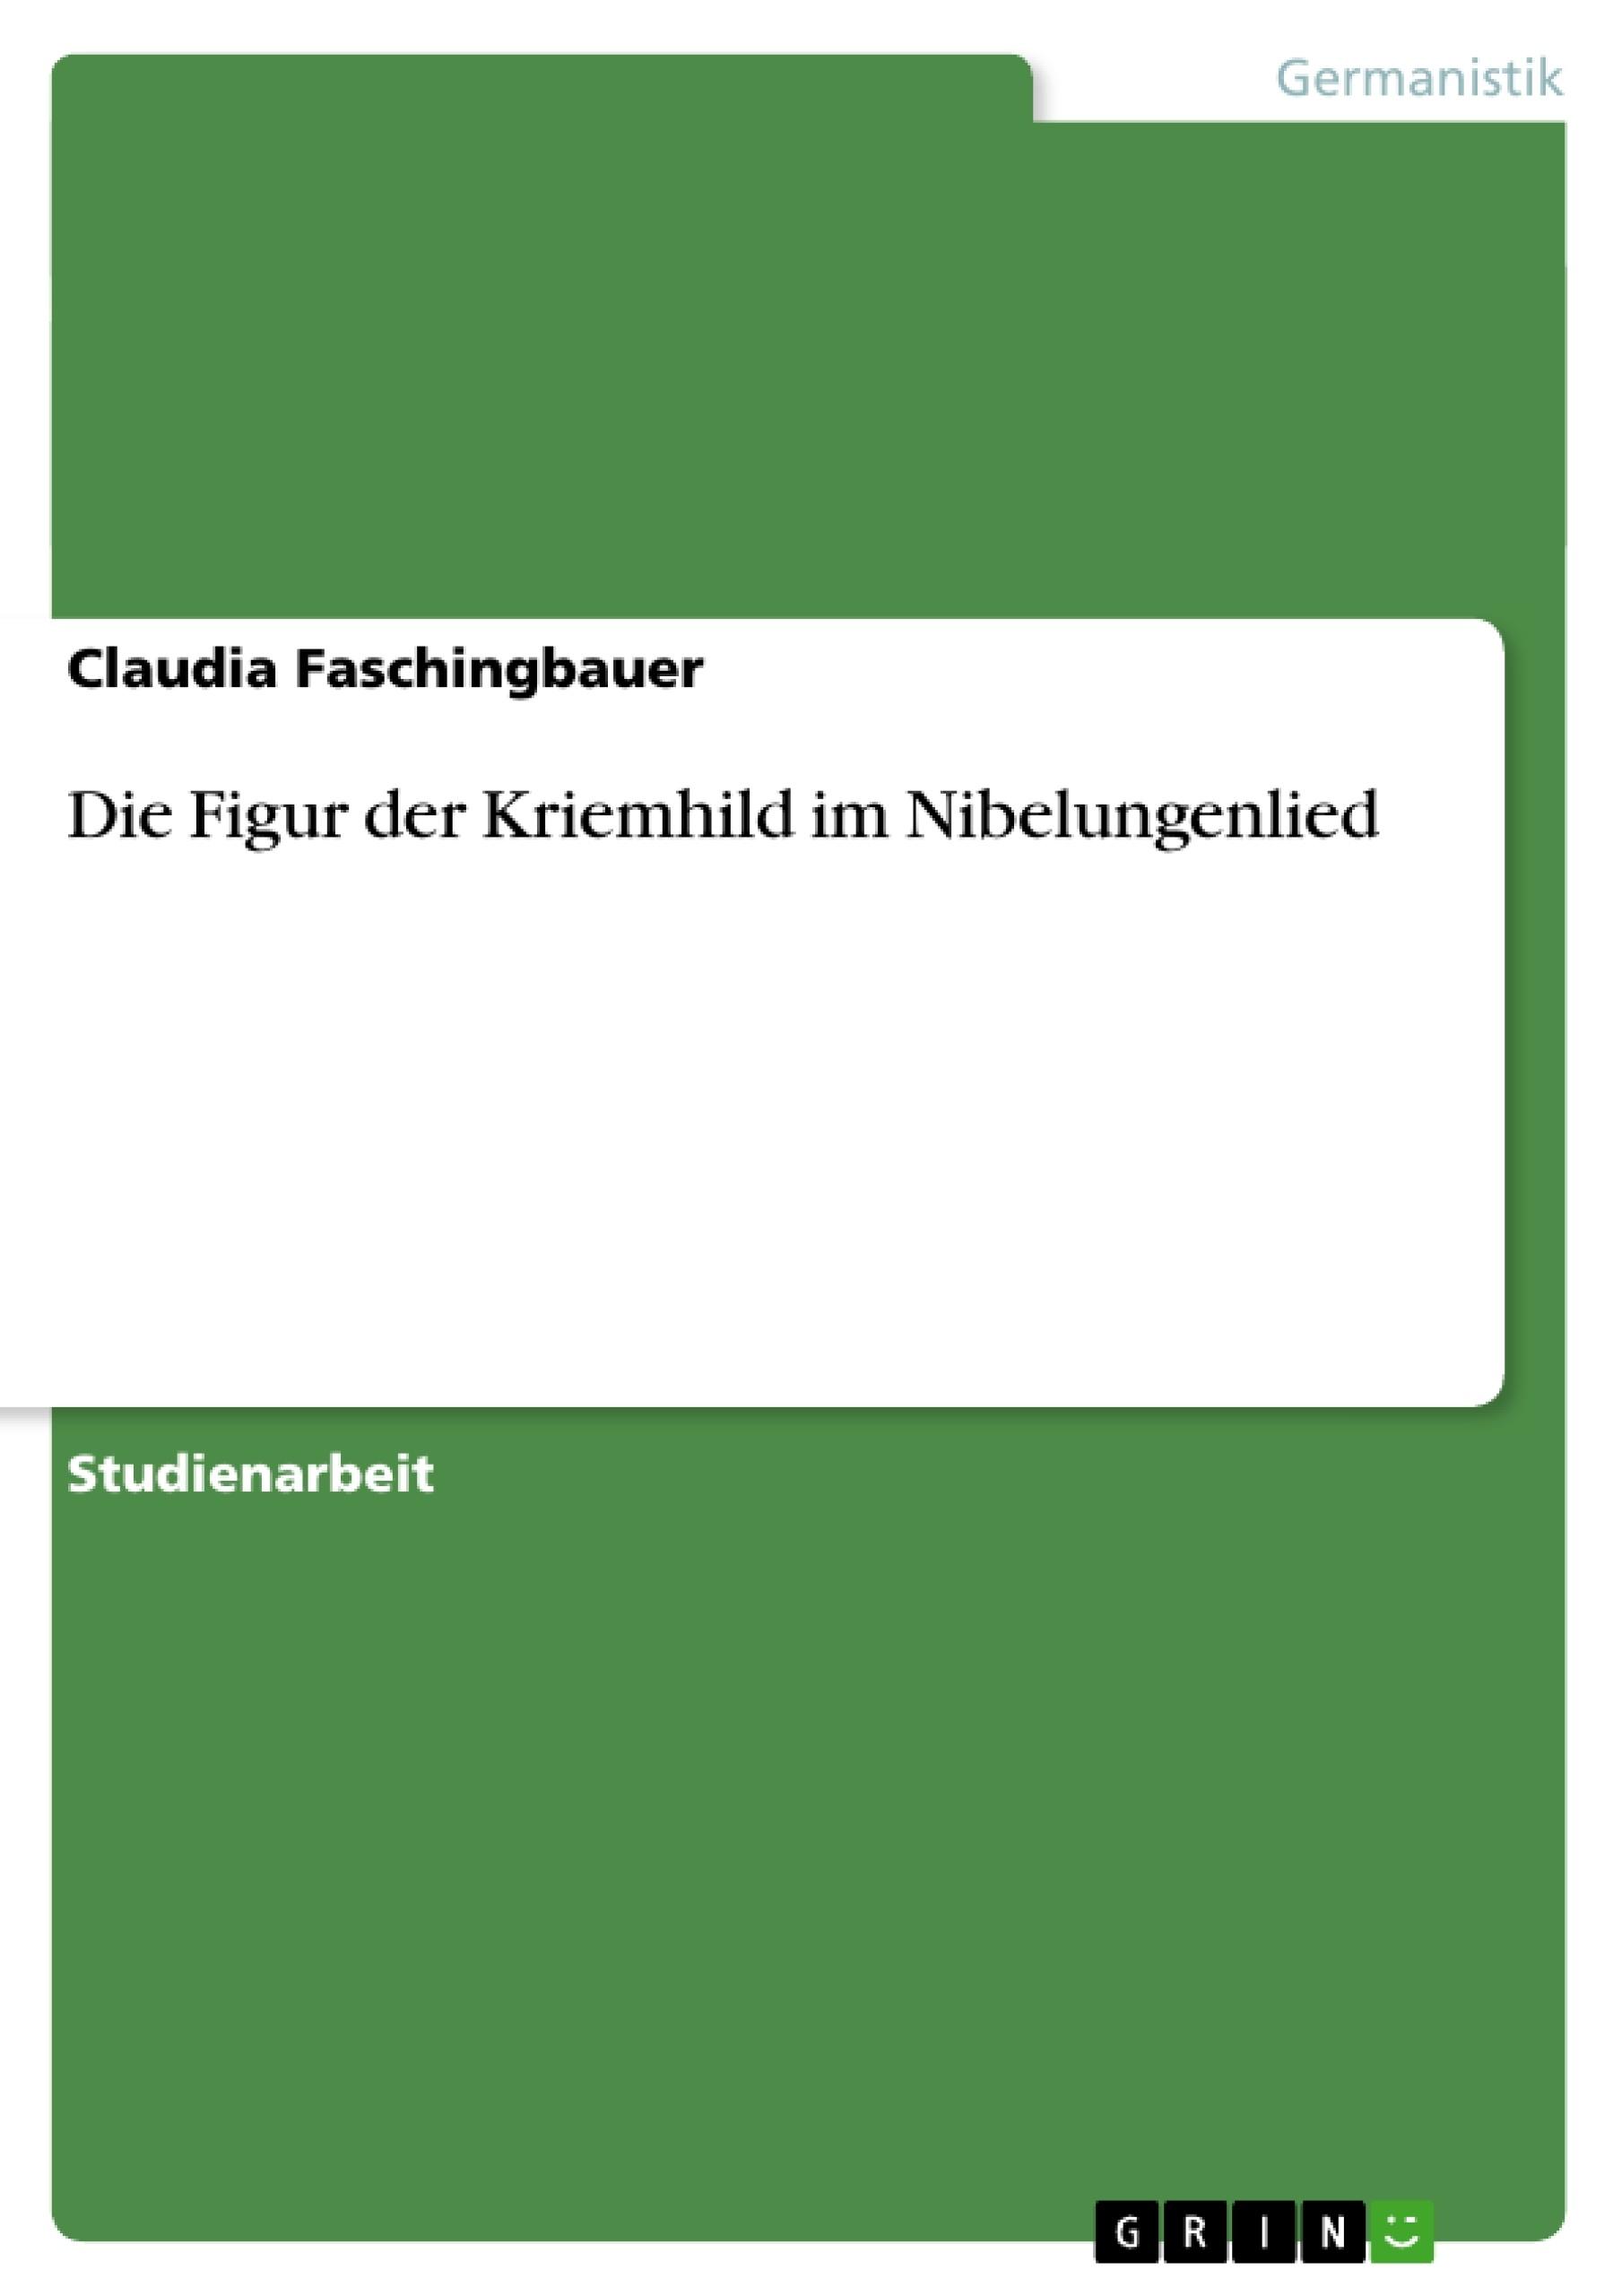 Titel: Die Figur der Kriemhild im Nibelungenlied